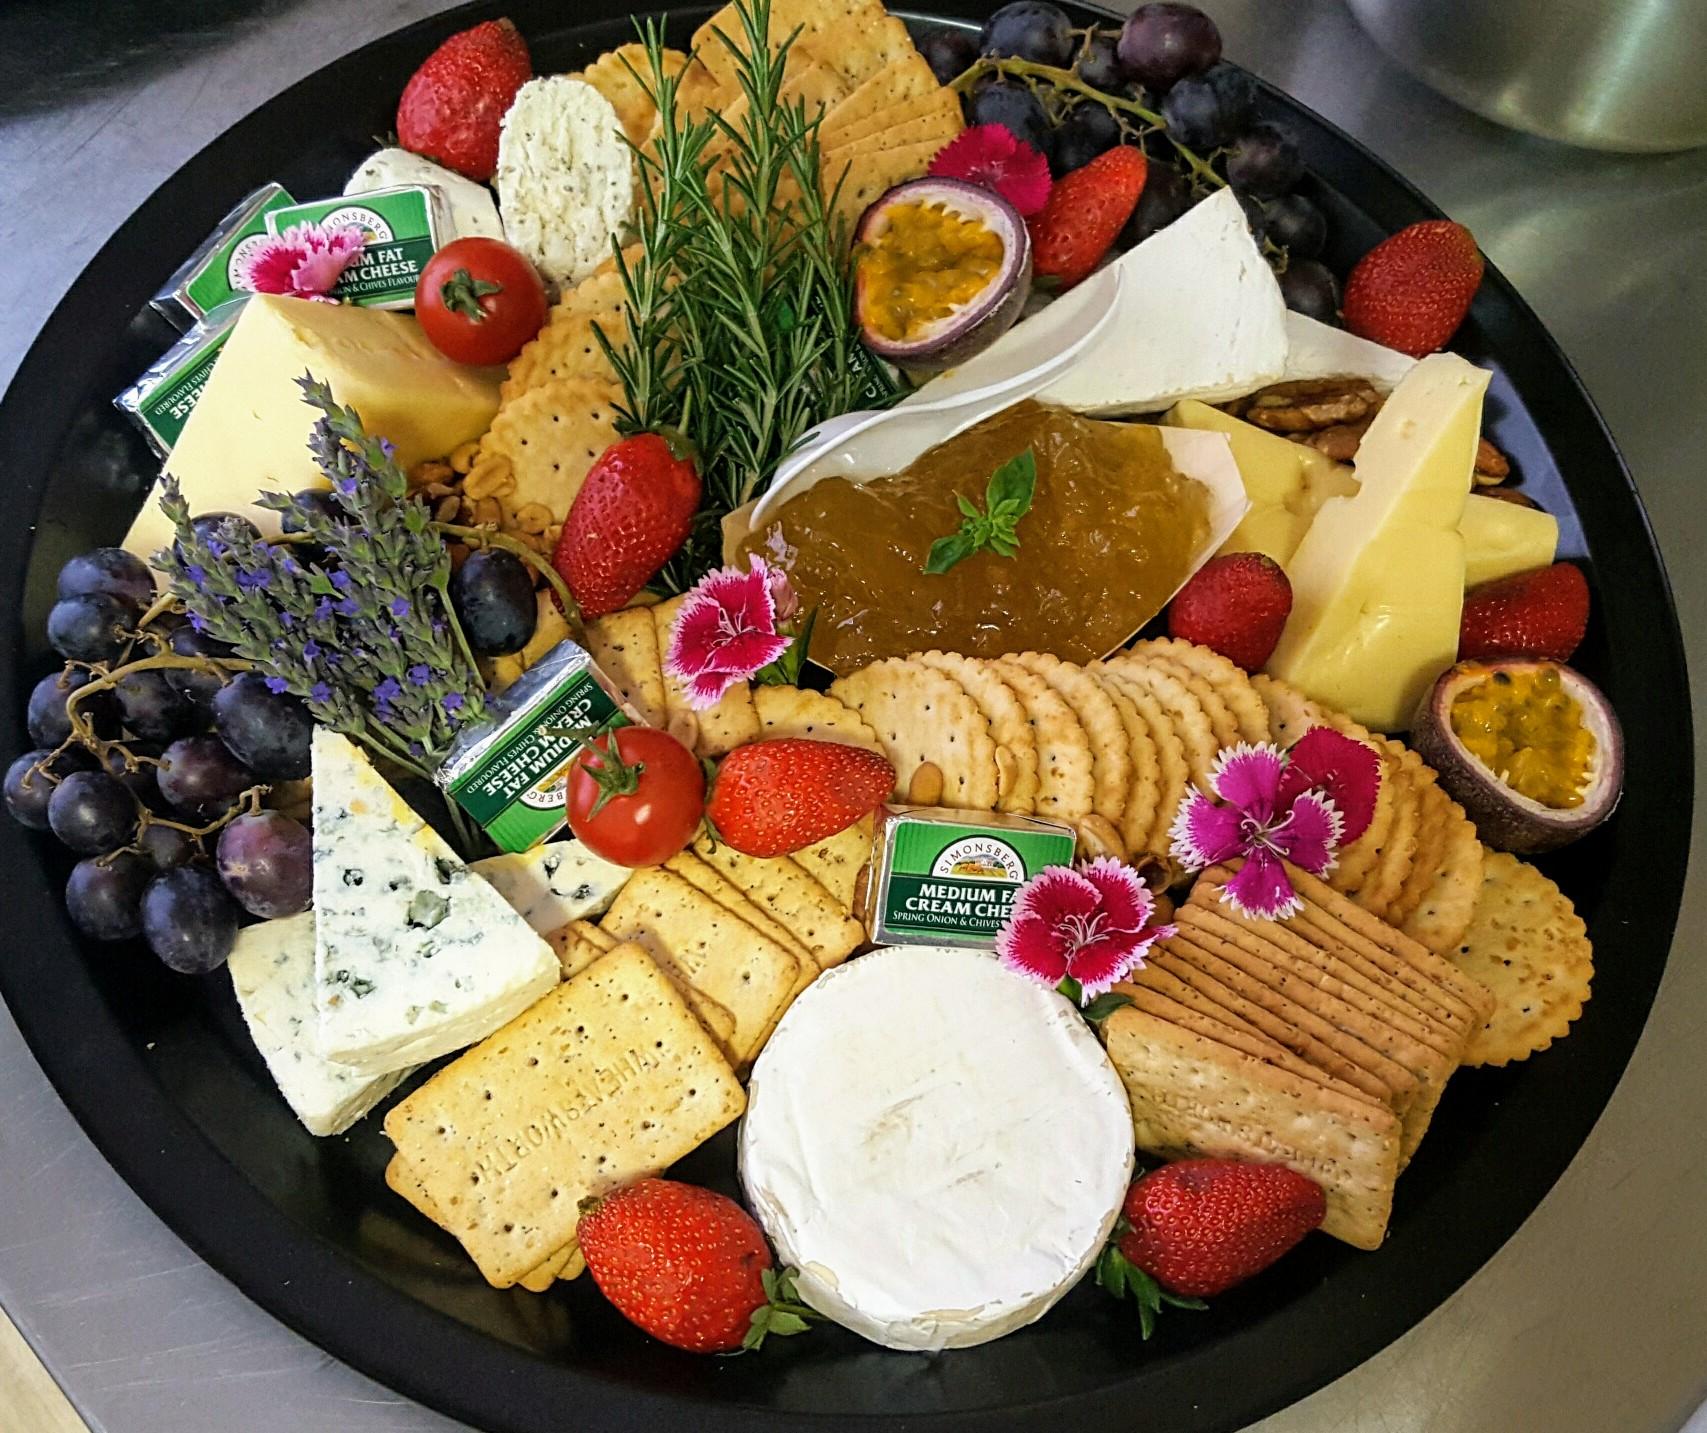 Biscuits & crackers -